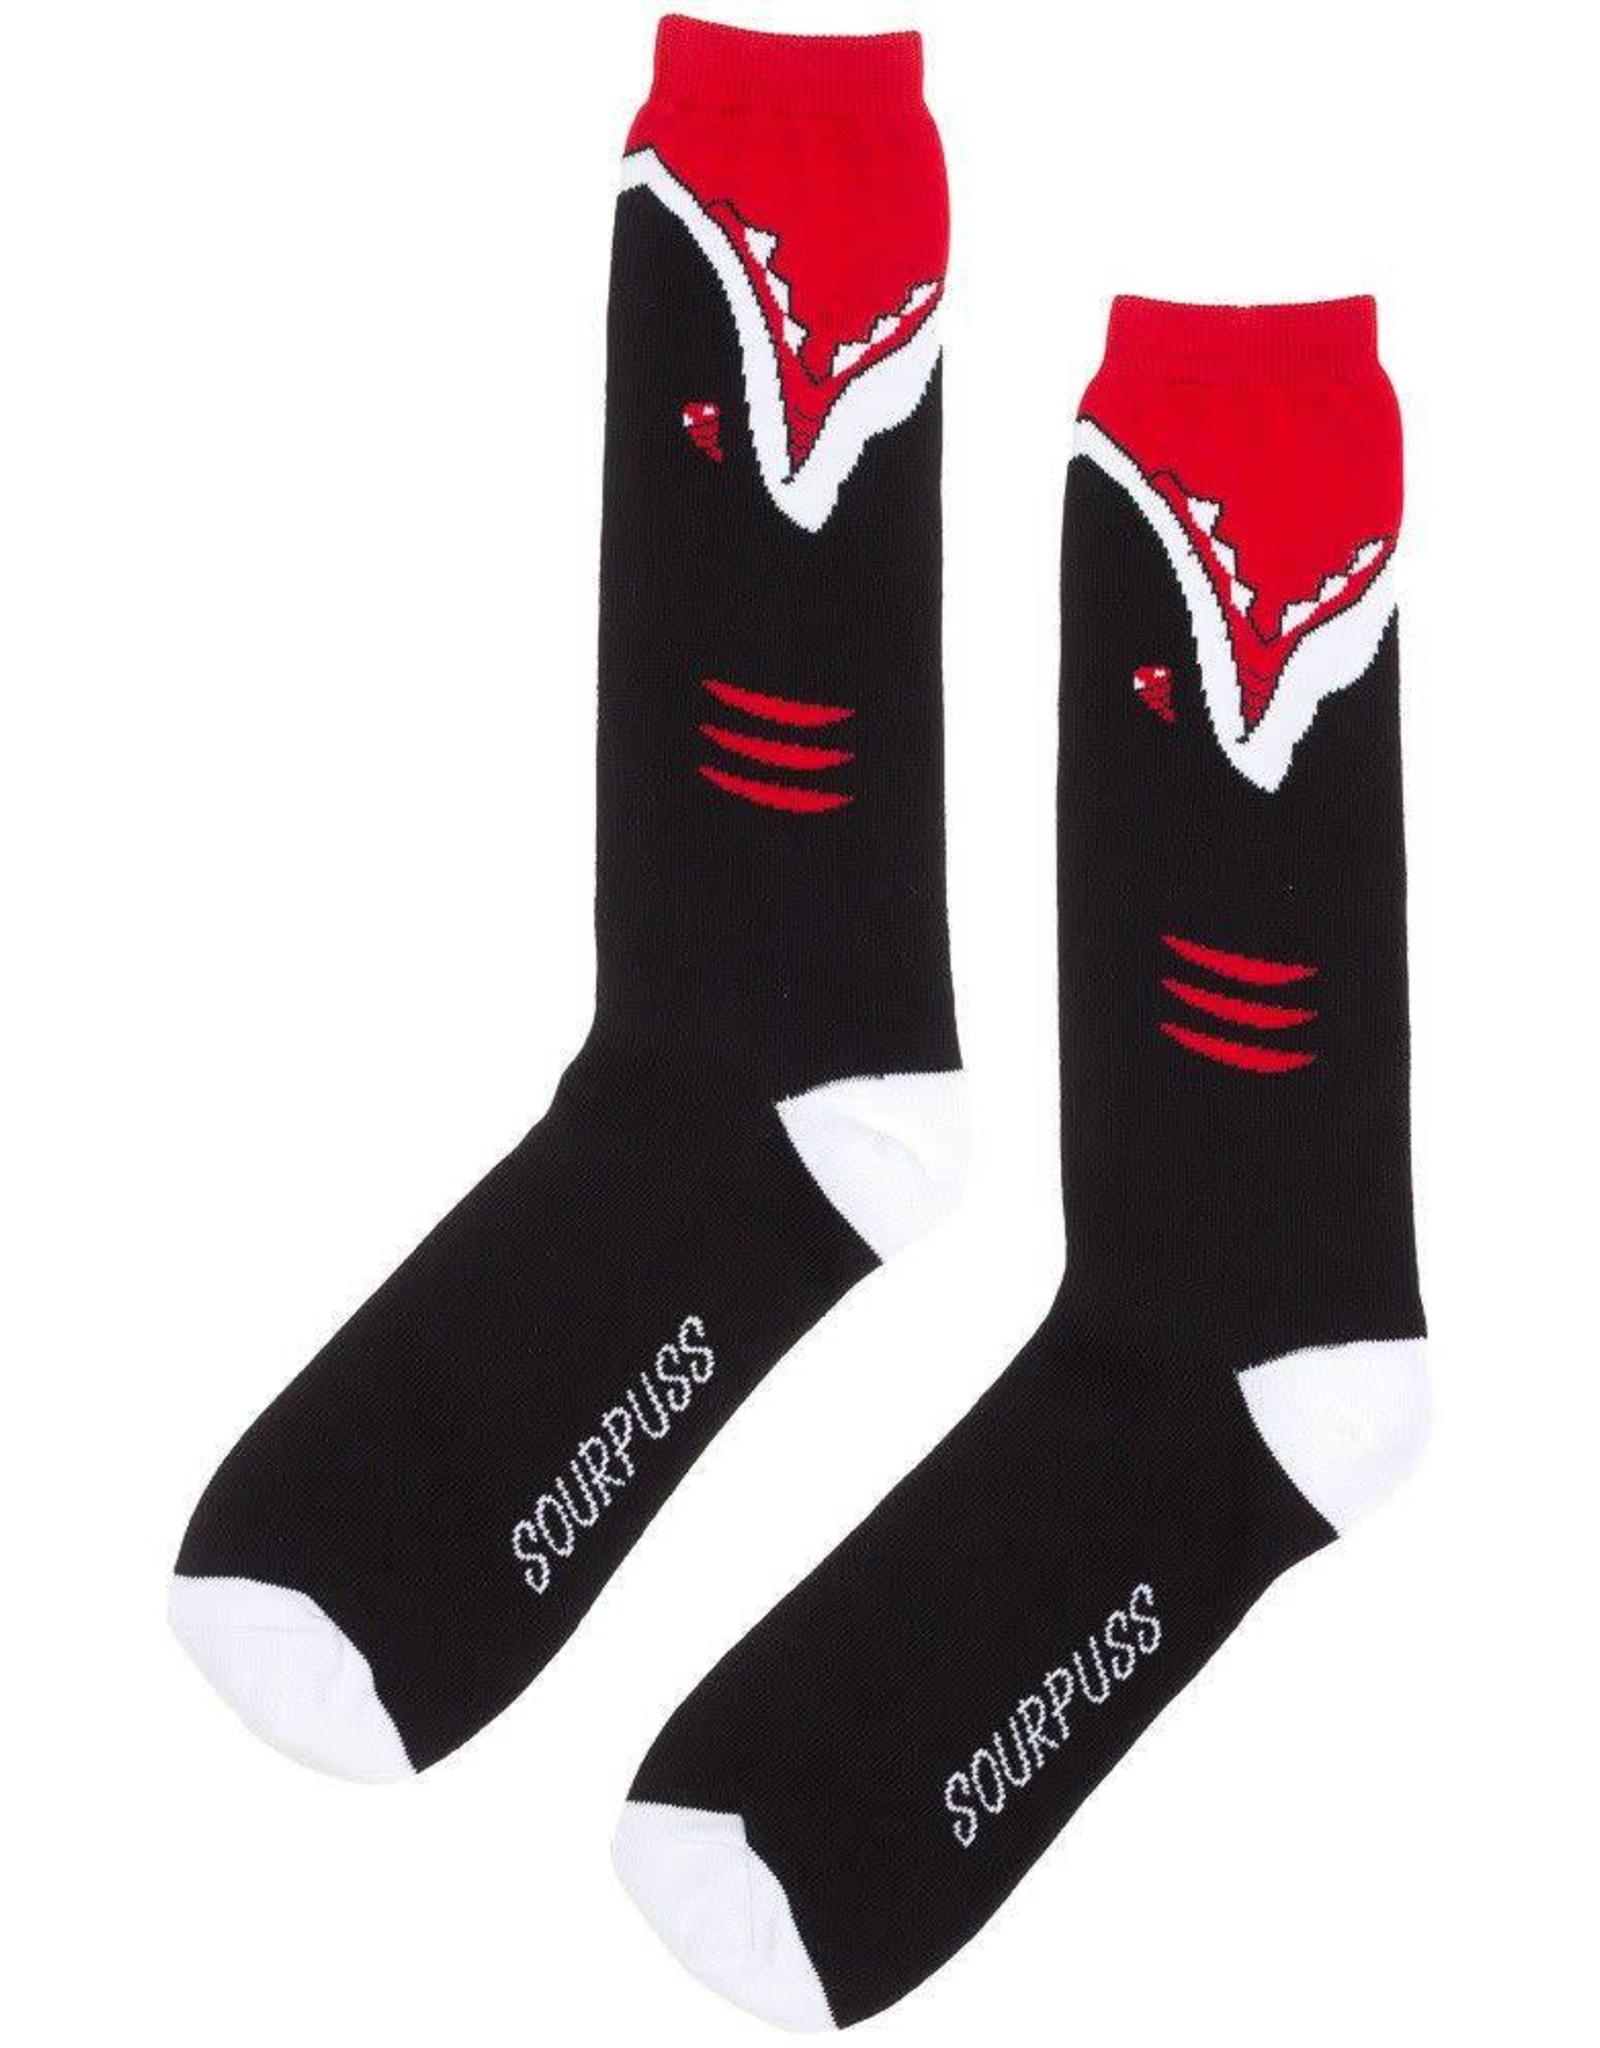 SOURPUSS SOURPUSS - Black Shark Guy Socks